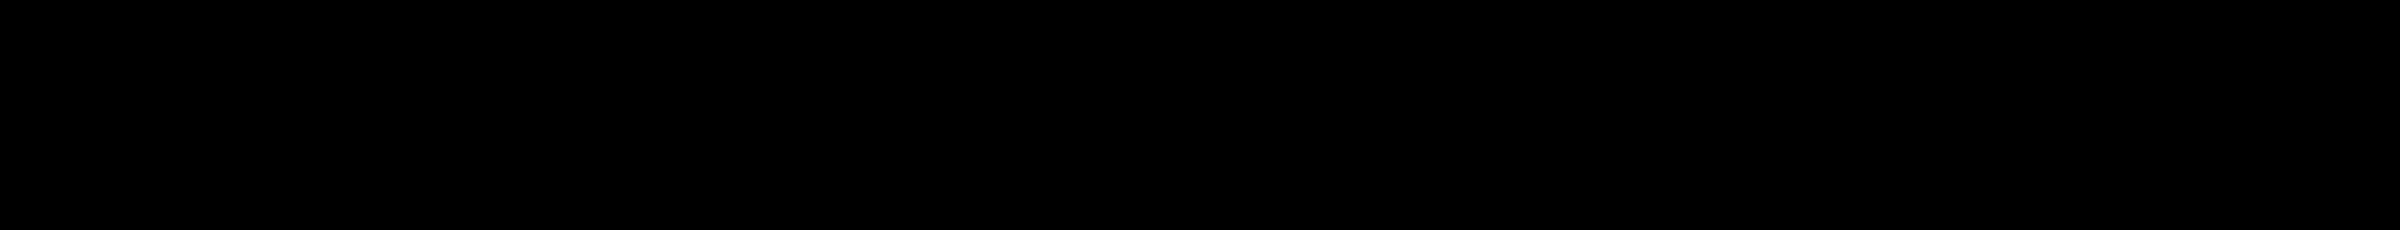 Ruler PNG - 12166